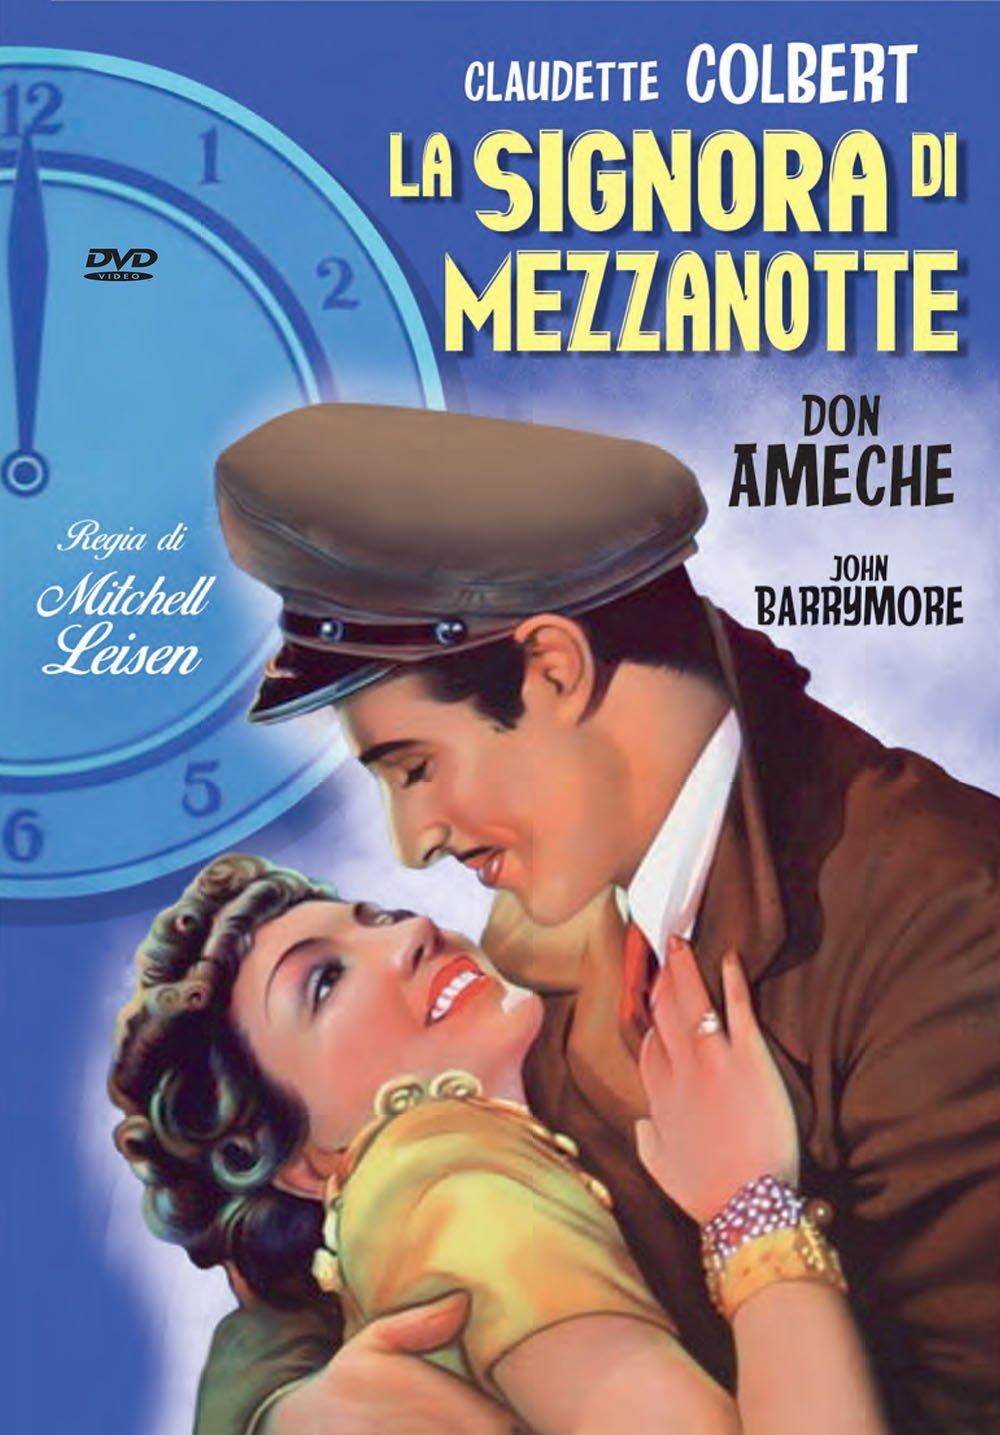 LA SIGNORA DI MEZZANOTTE (DVD)